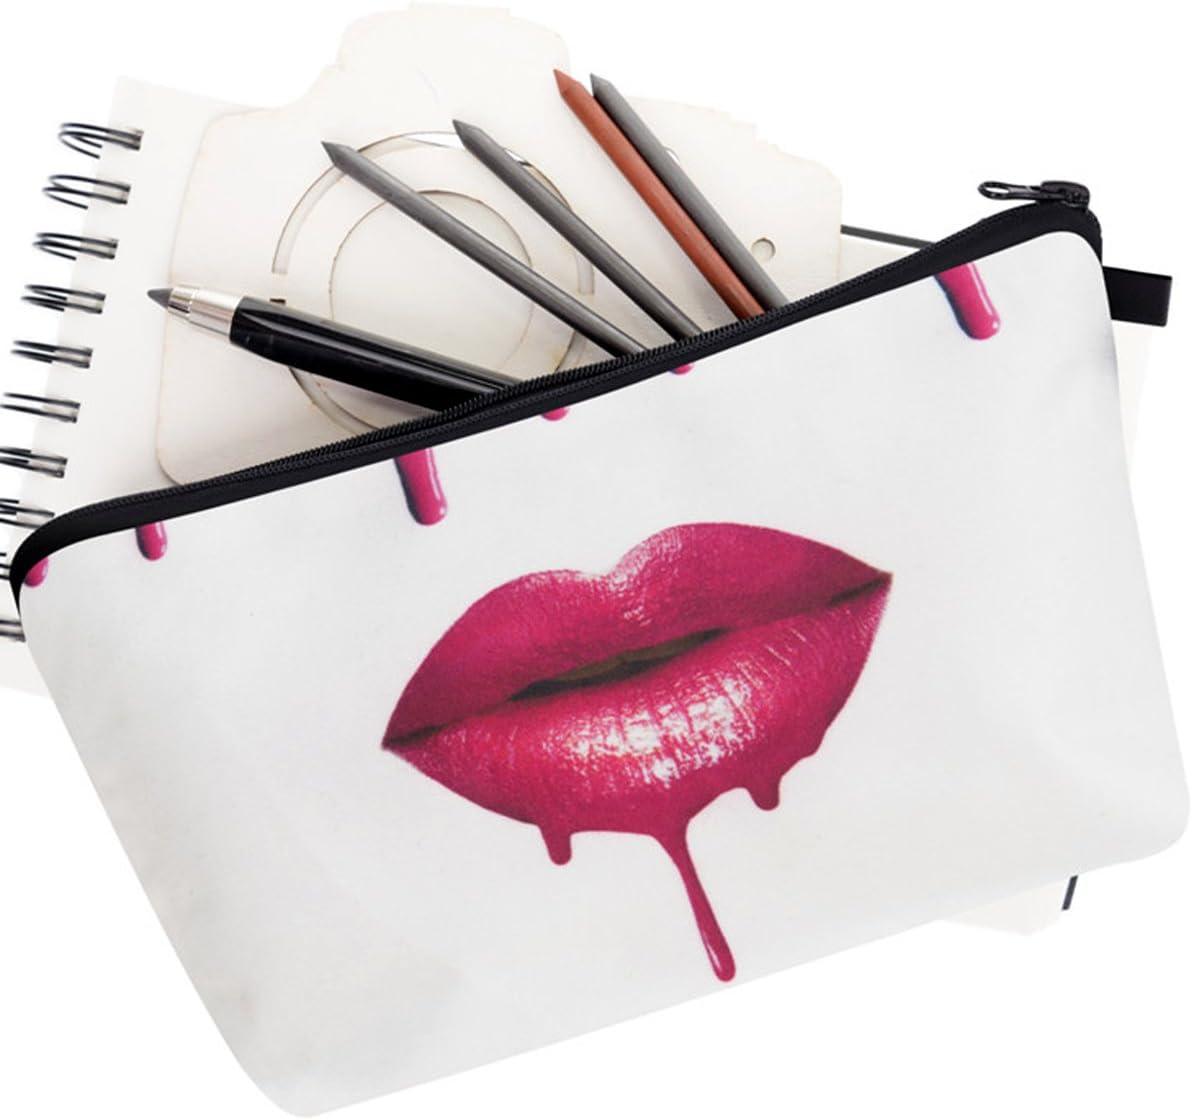 PREMYO Neceser de Maquillaje Estuche Escolar Pochette para Cosméticos Bolsa de Aseo Pequeña Práctico Estampado Impresión Diseño Pink Lips: Amazon.es: Belleza